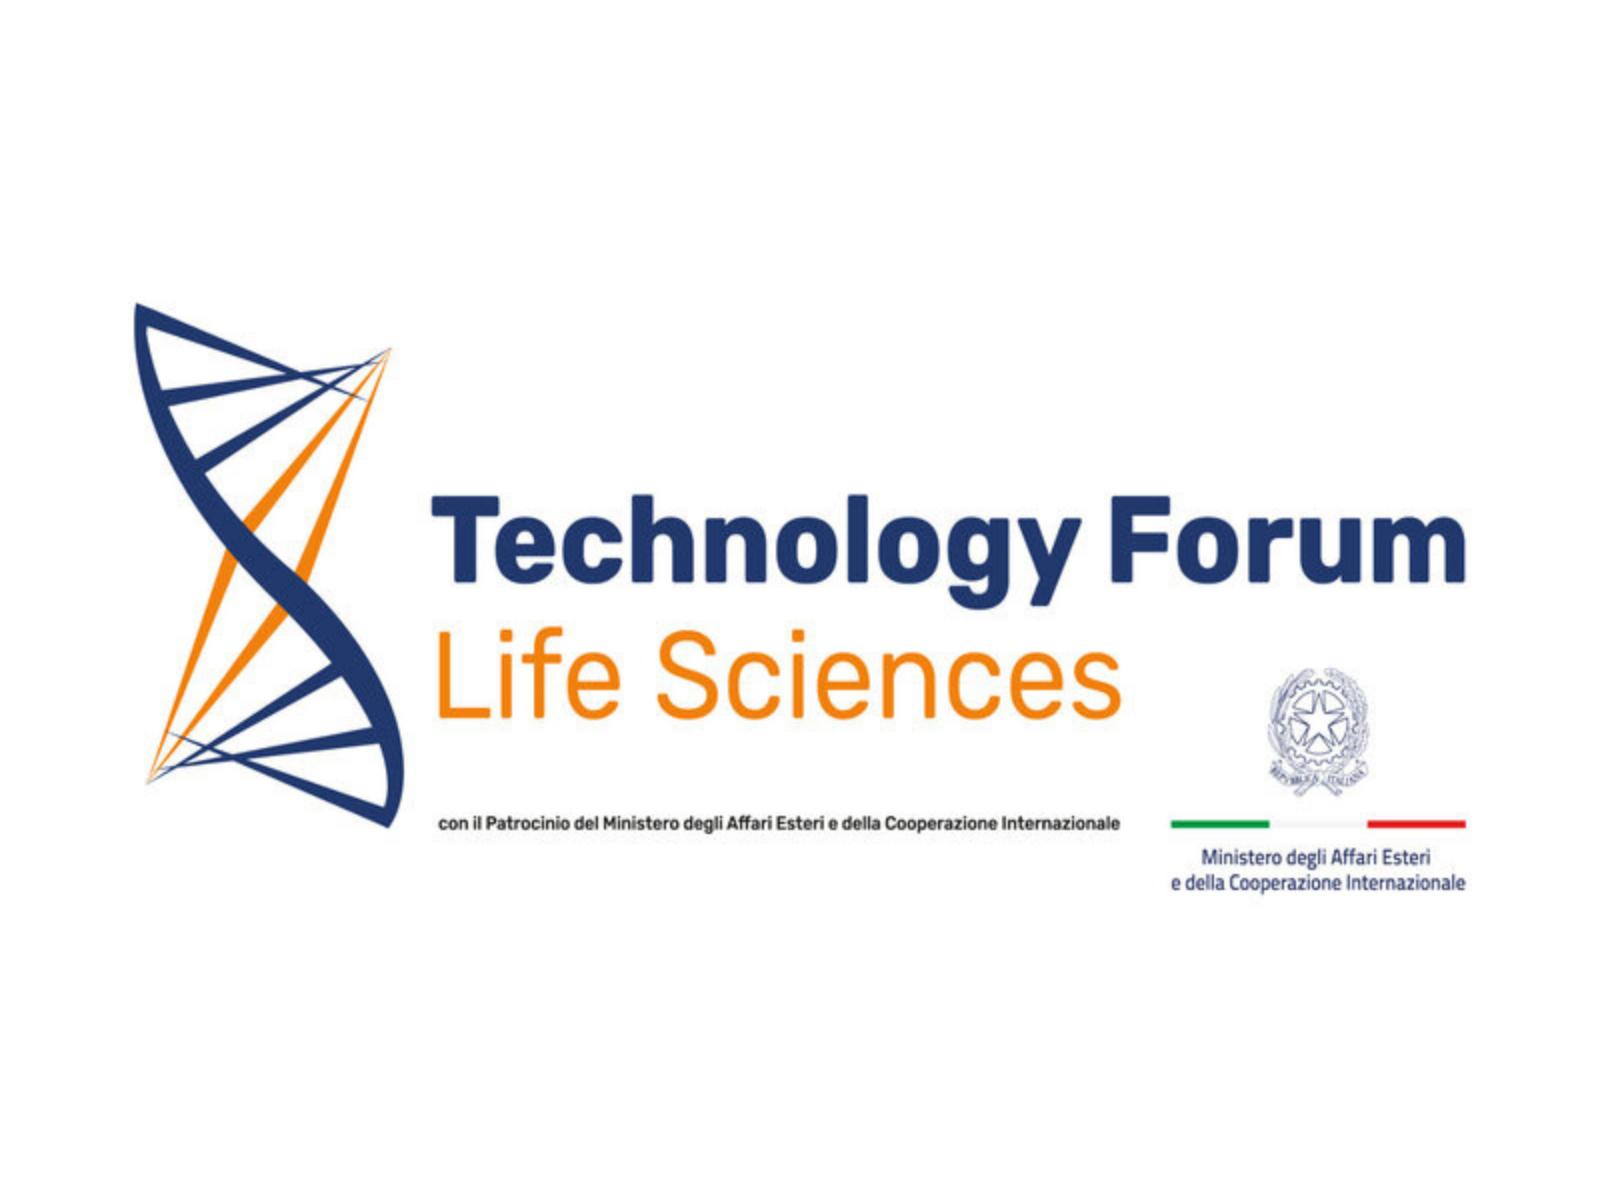 TECHNOLOGY FORUM LIFE SCIENCES 2021 - Phygital meeting Le Scienze della Vita nell'era post-Covid